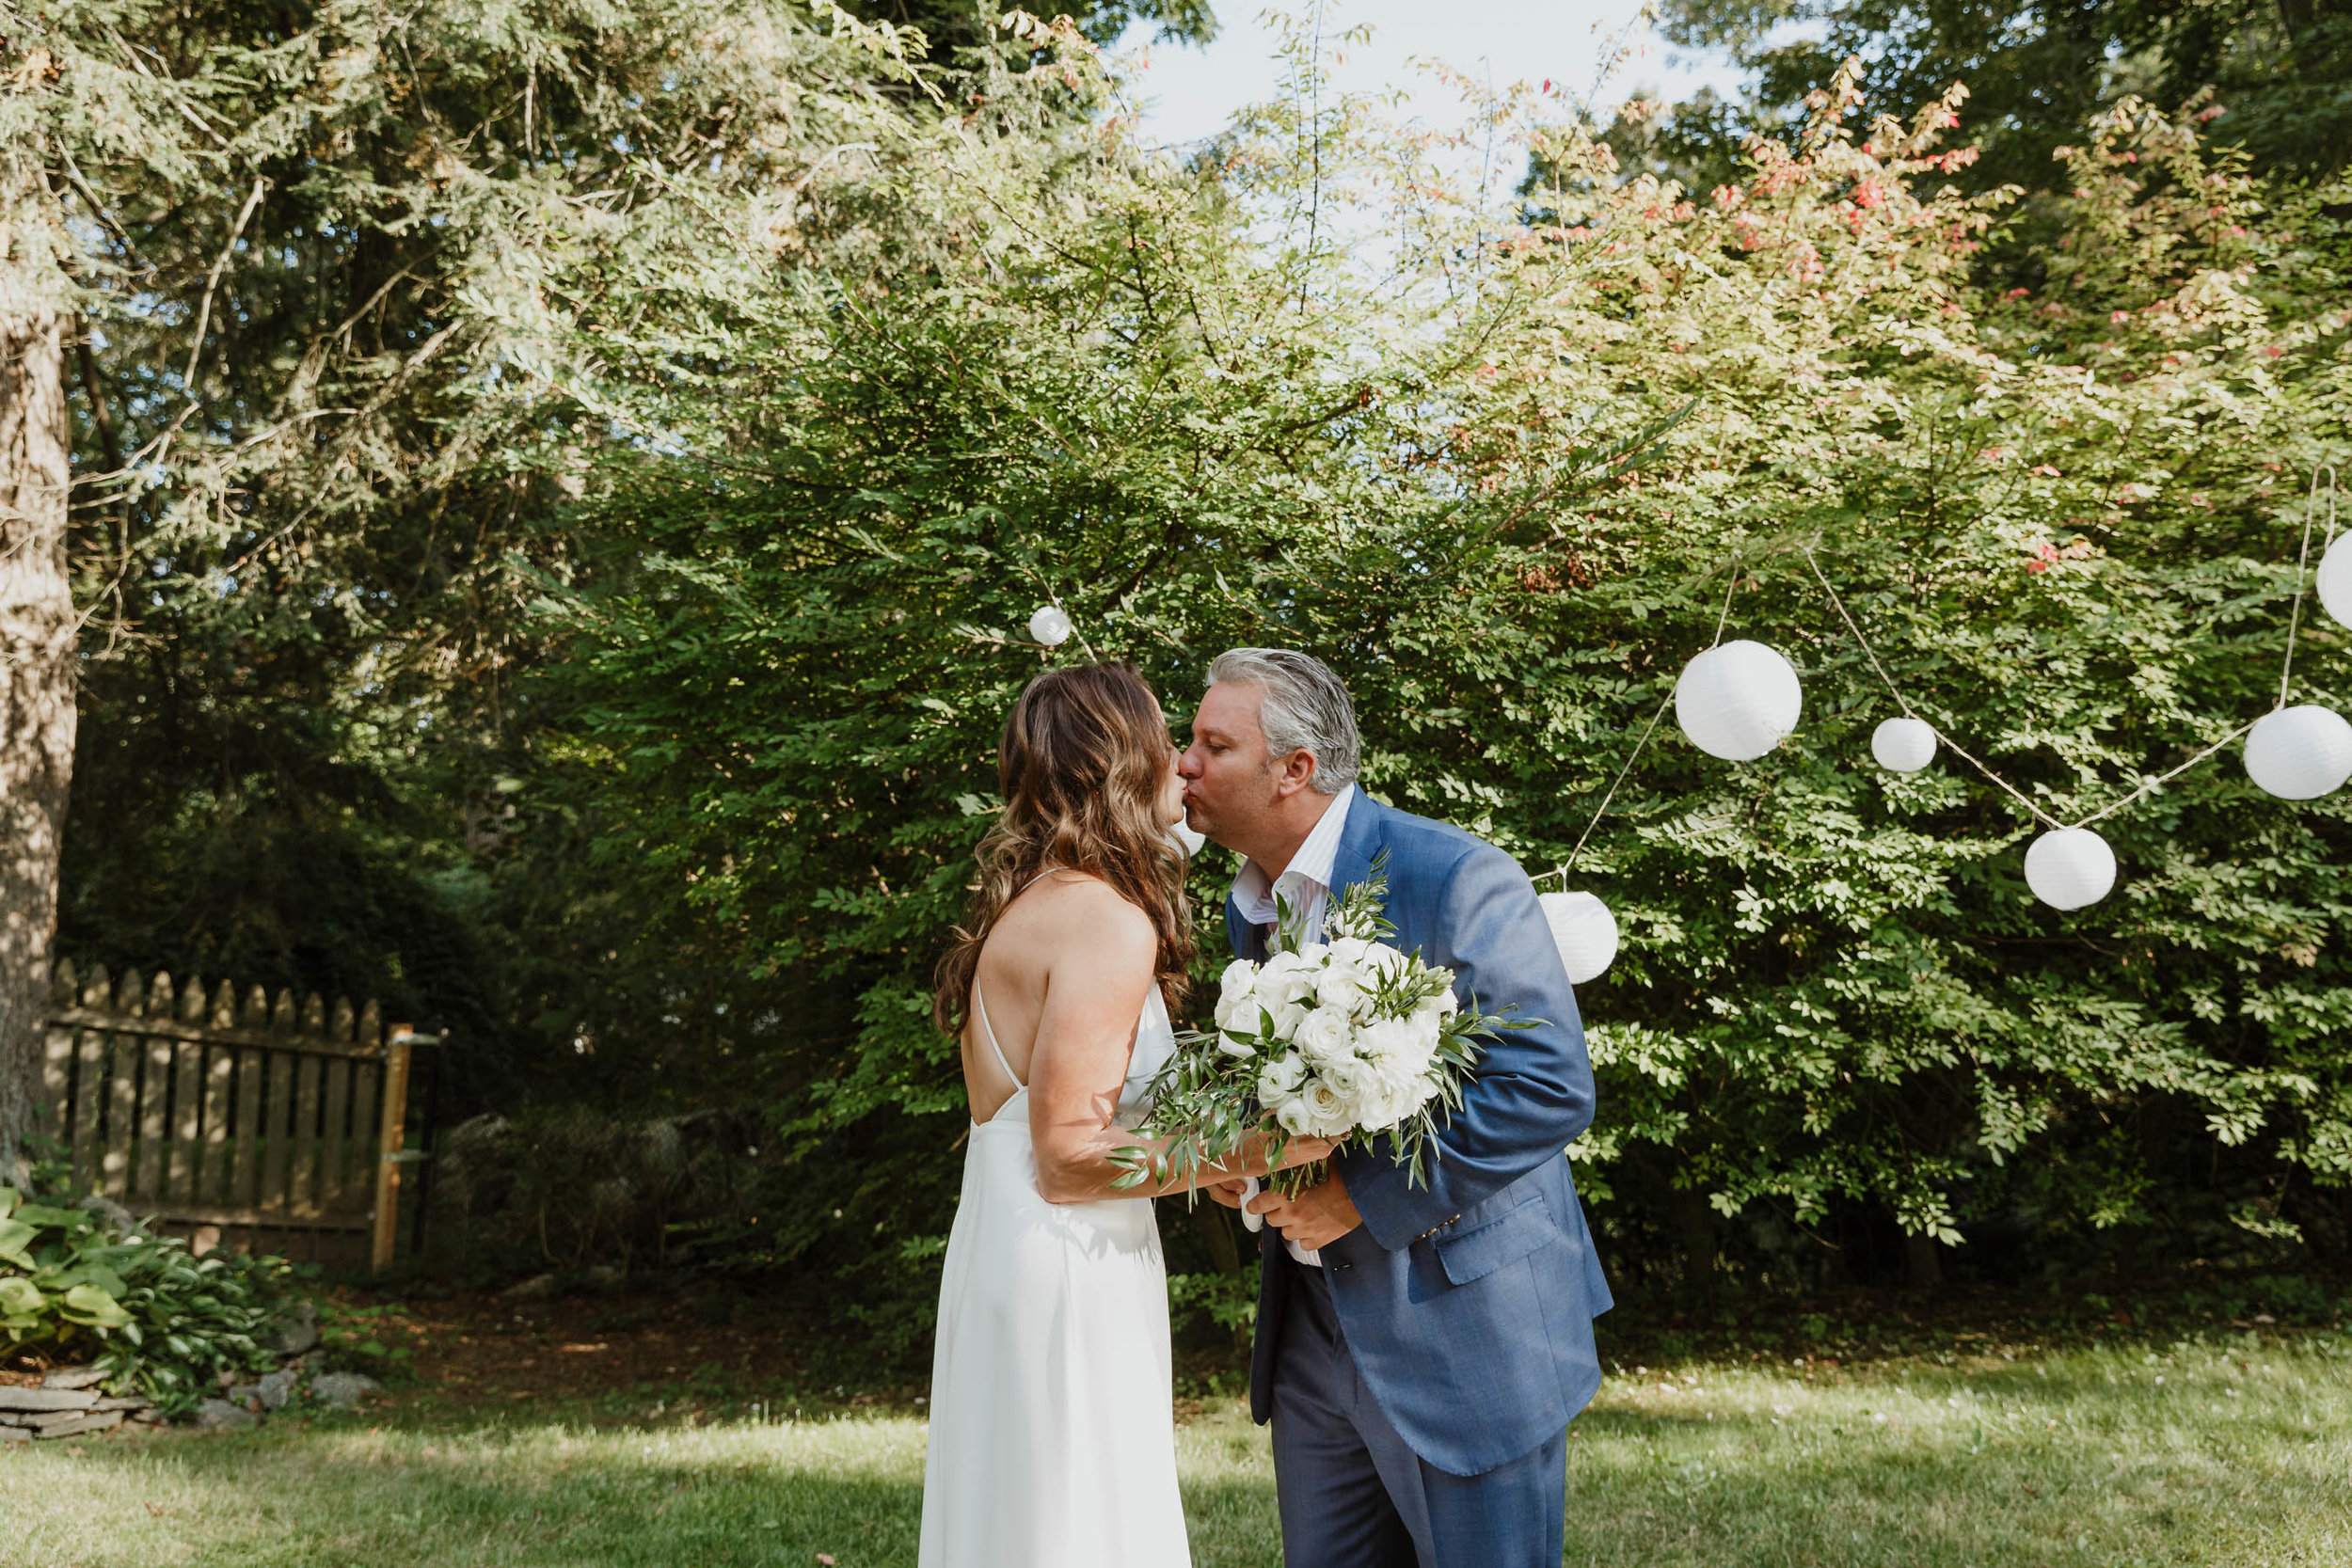 fairfield-county-connecticut-backyard-wedding-photographer--31.jpg